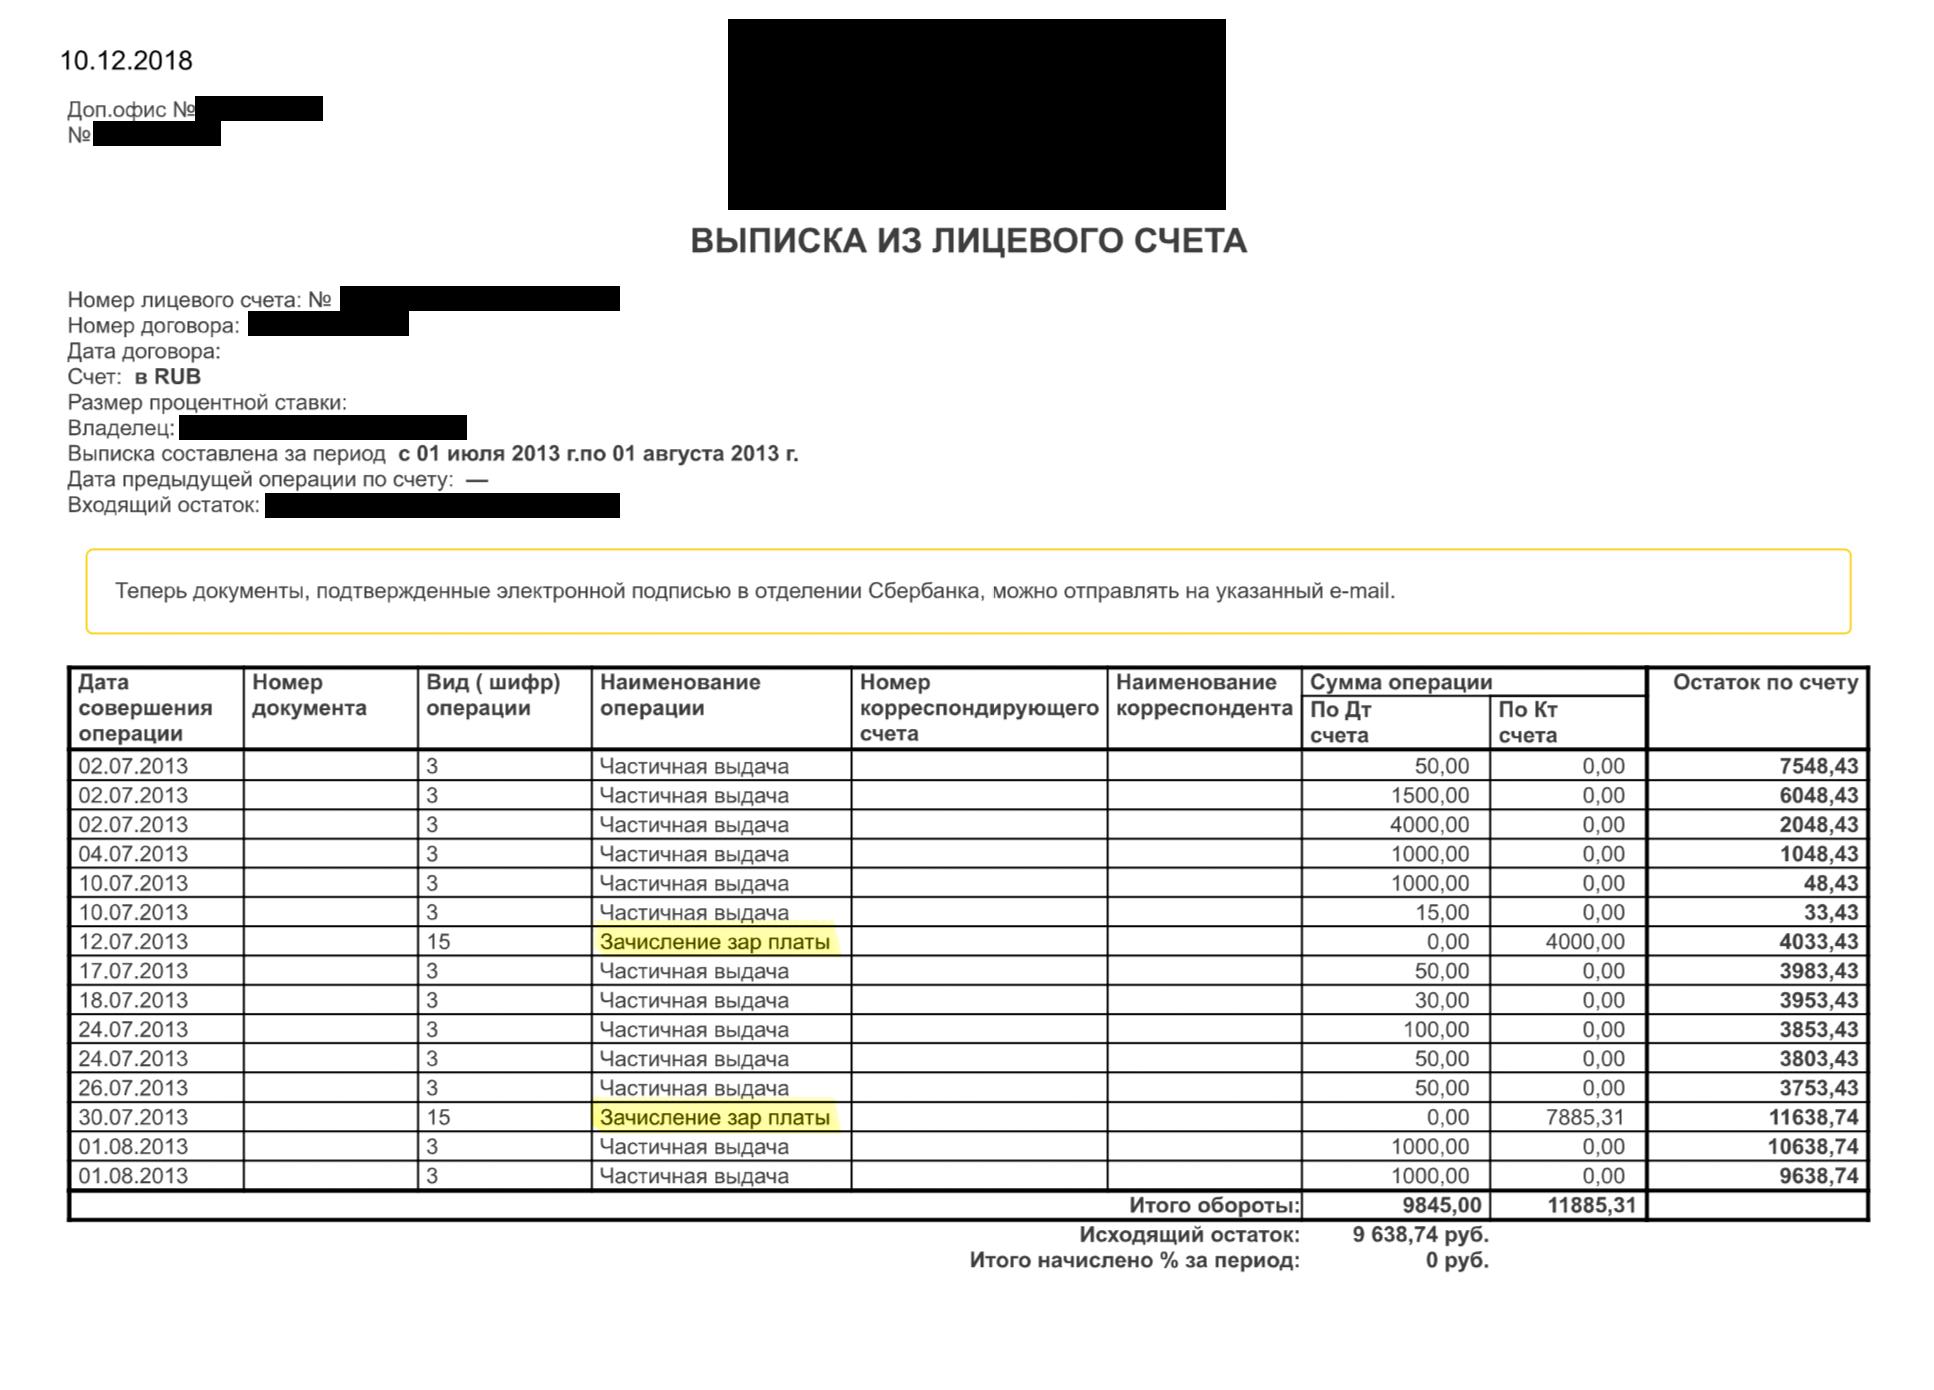 Выписка, из которой видно, что счет зарплатный